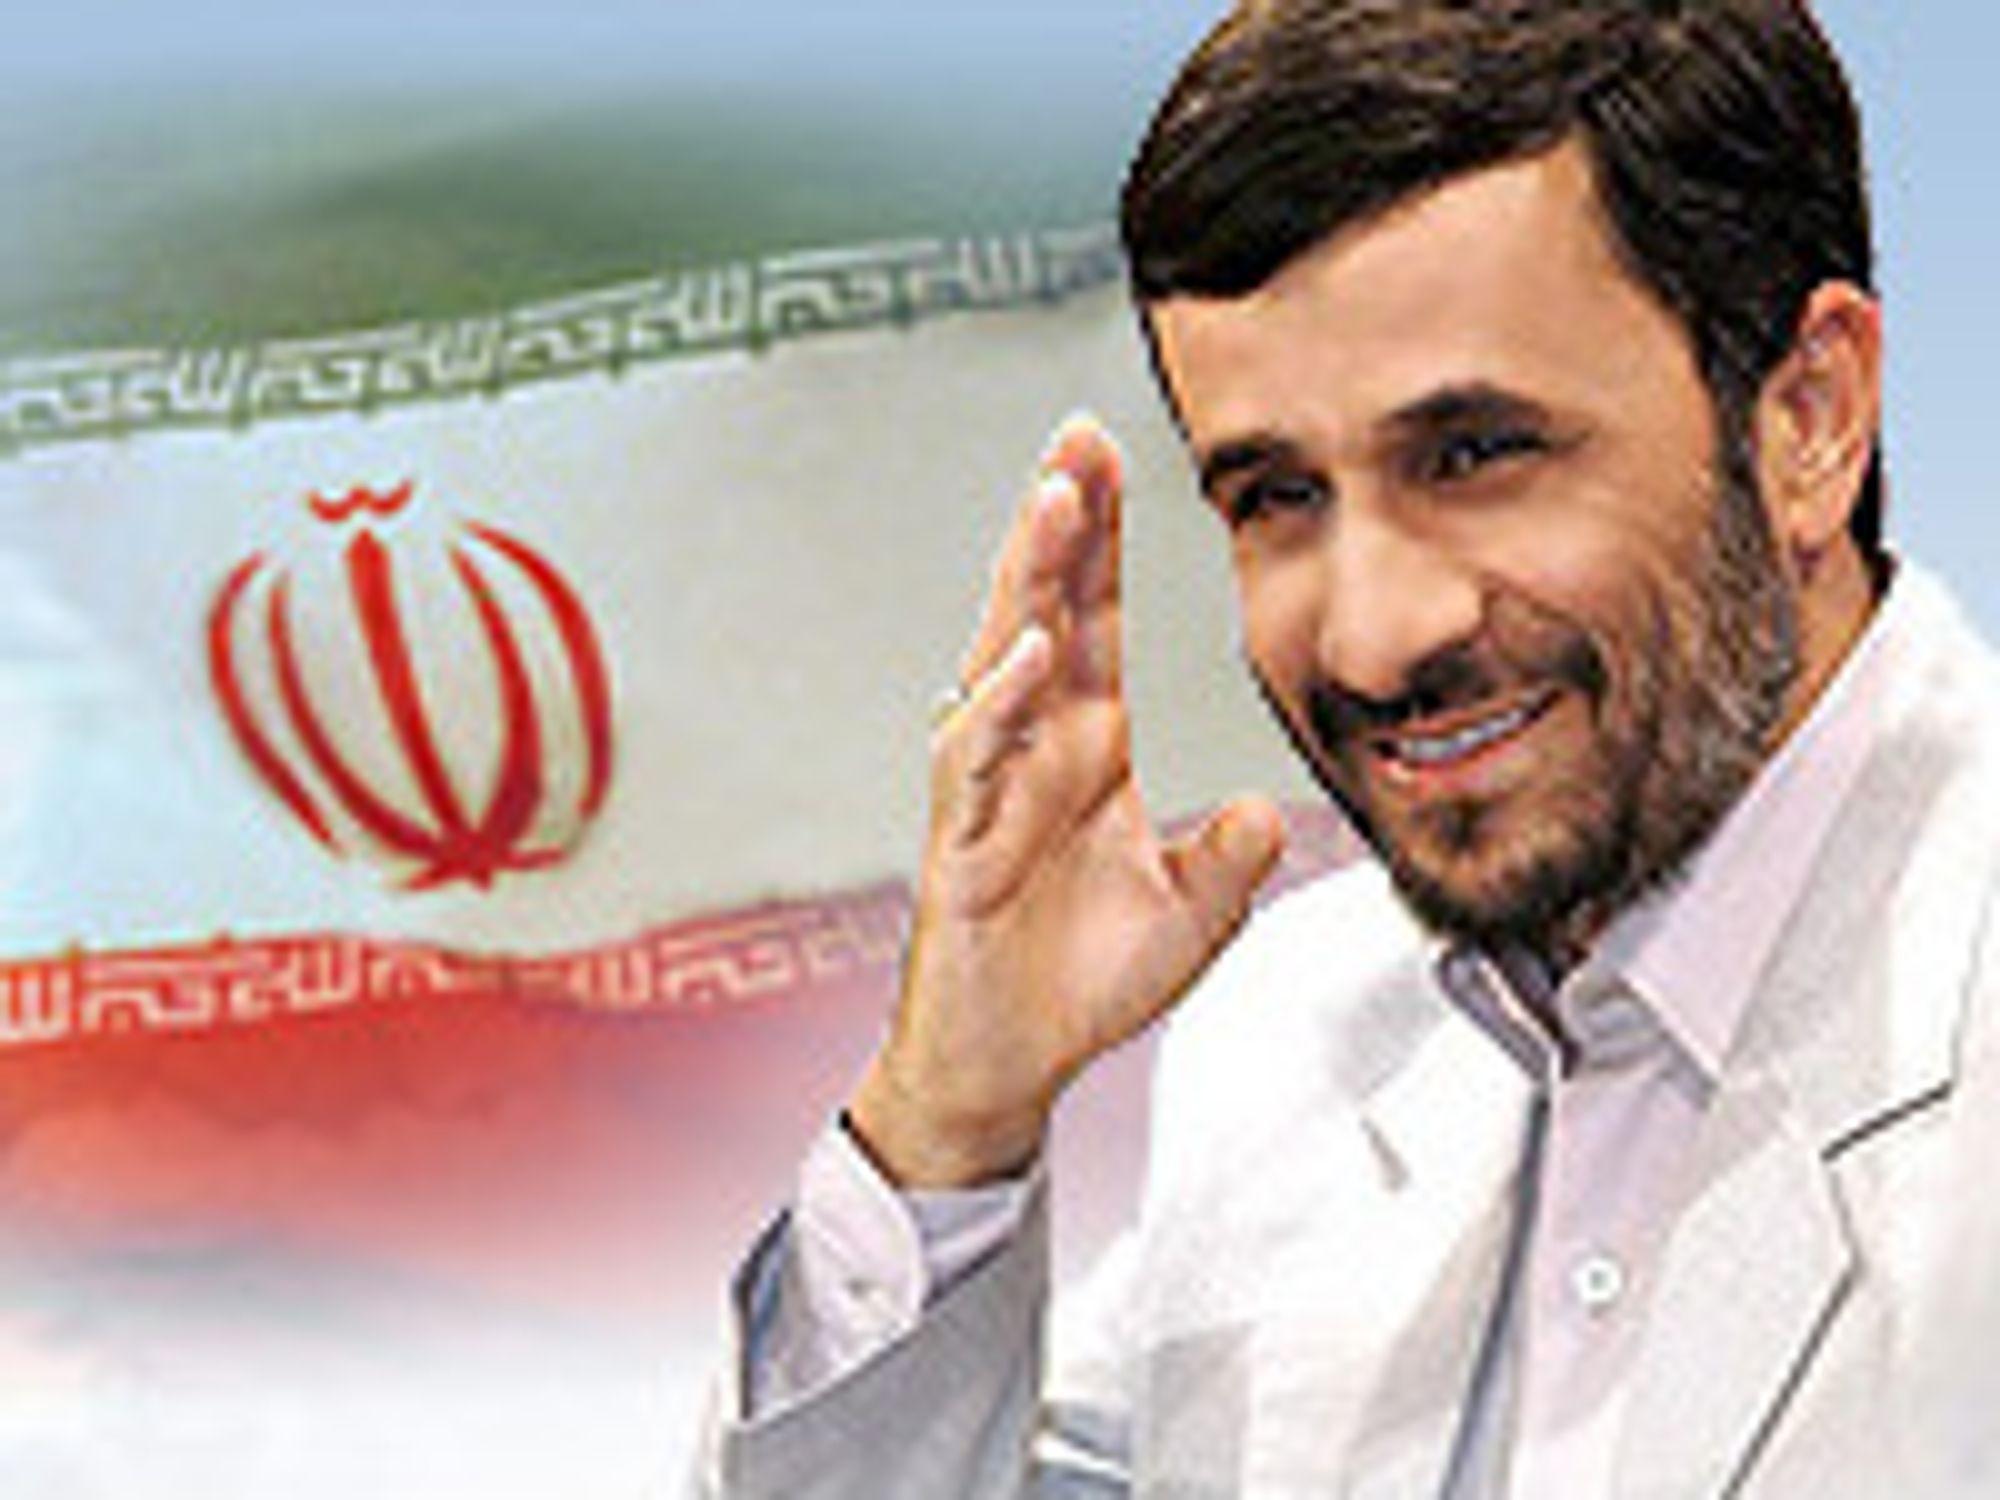 Irans president Mahmoud Ahmadinejad bekrefter datasabotasje mot landets atomanlegg, men nevner ikke Stuxnet ved navn.